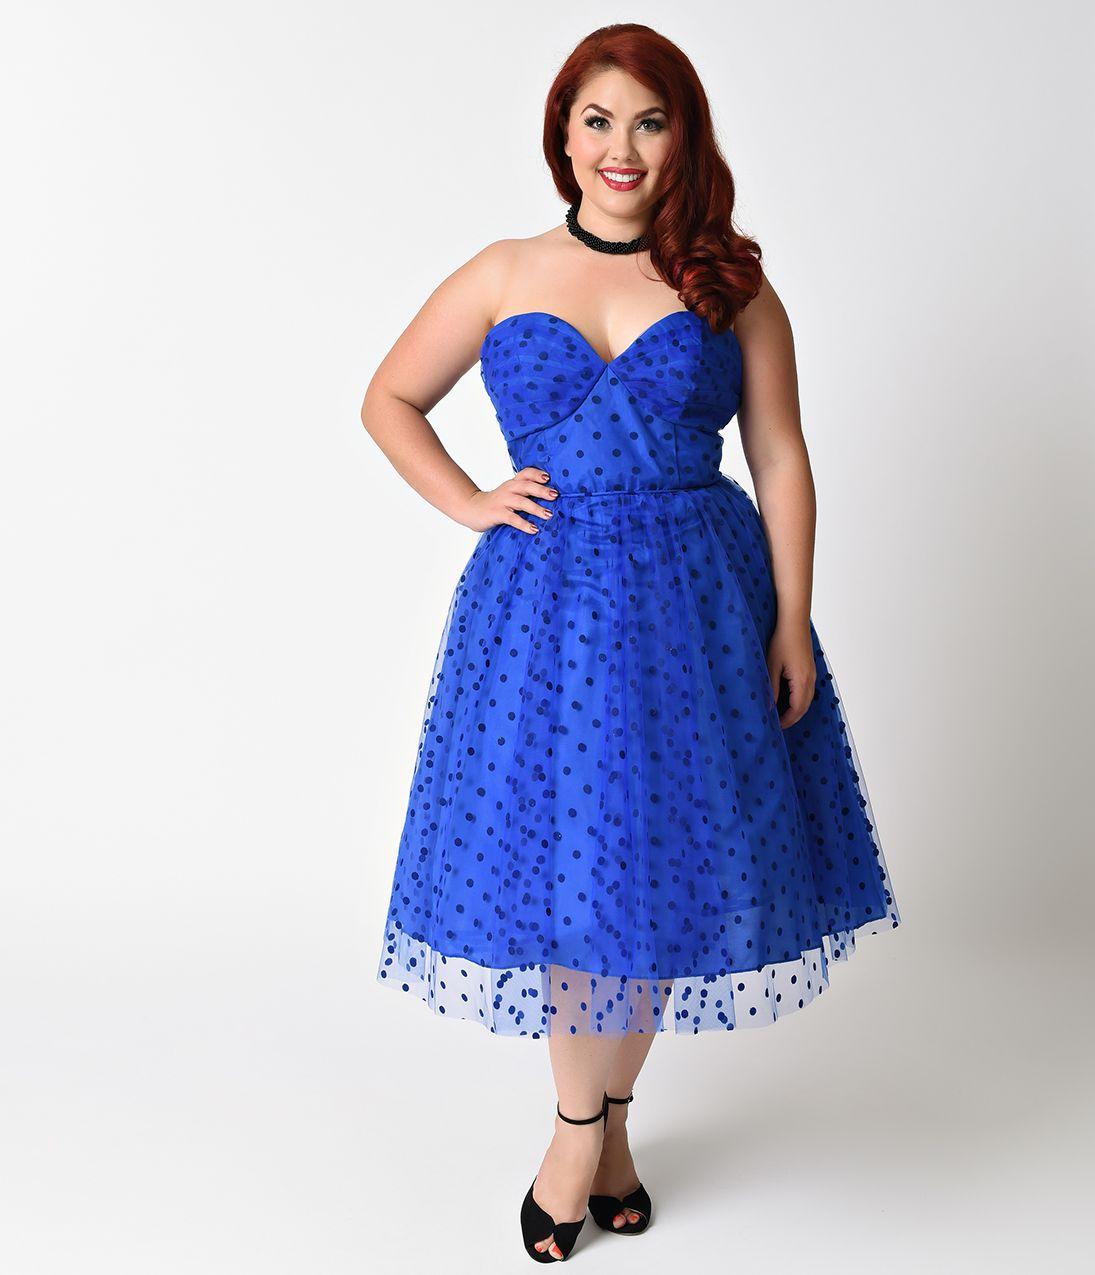 1950s Prom Dresses Formal Dresses Evening Gowns Plus Size Vintage Dresses Black And White Plus Size Dresses Plus Size Flapper Dress